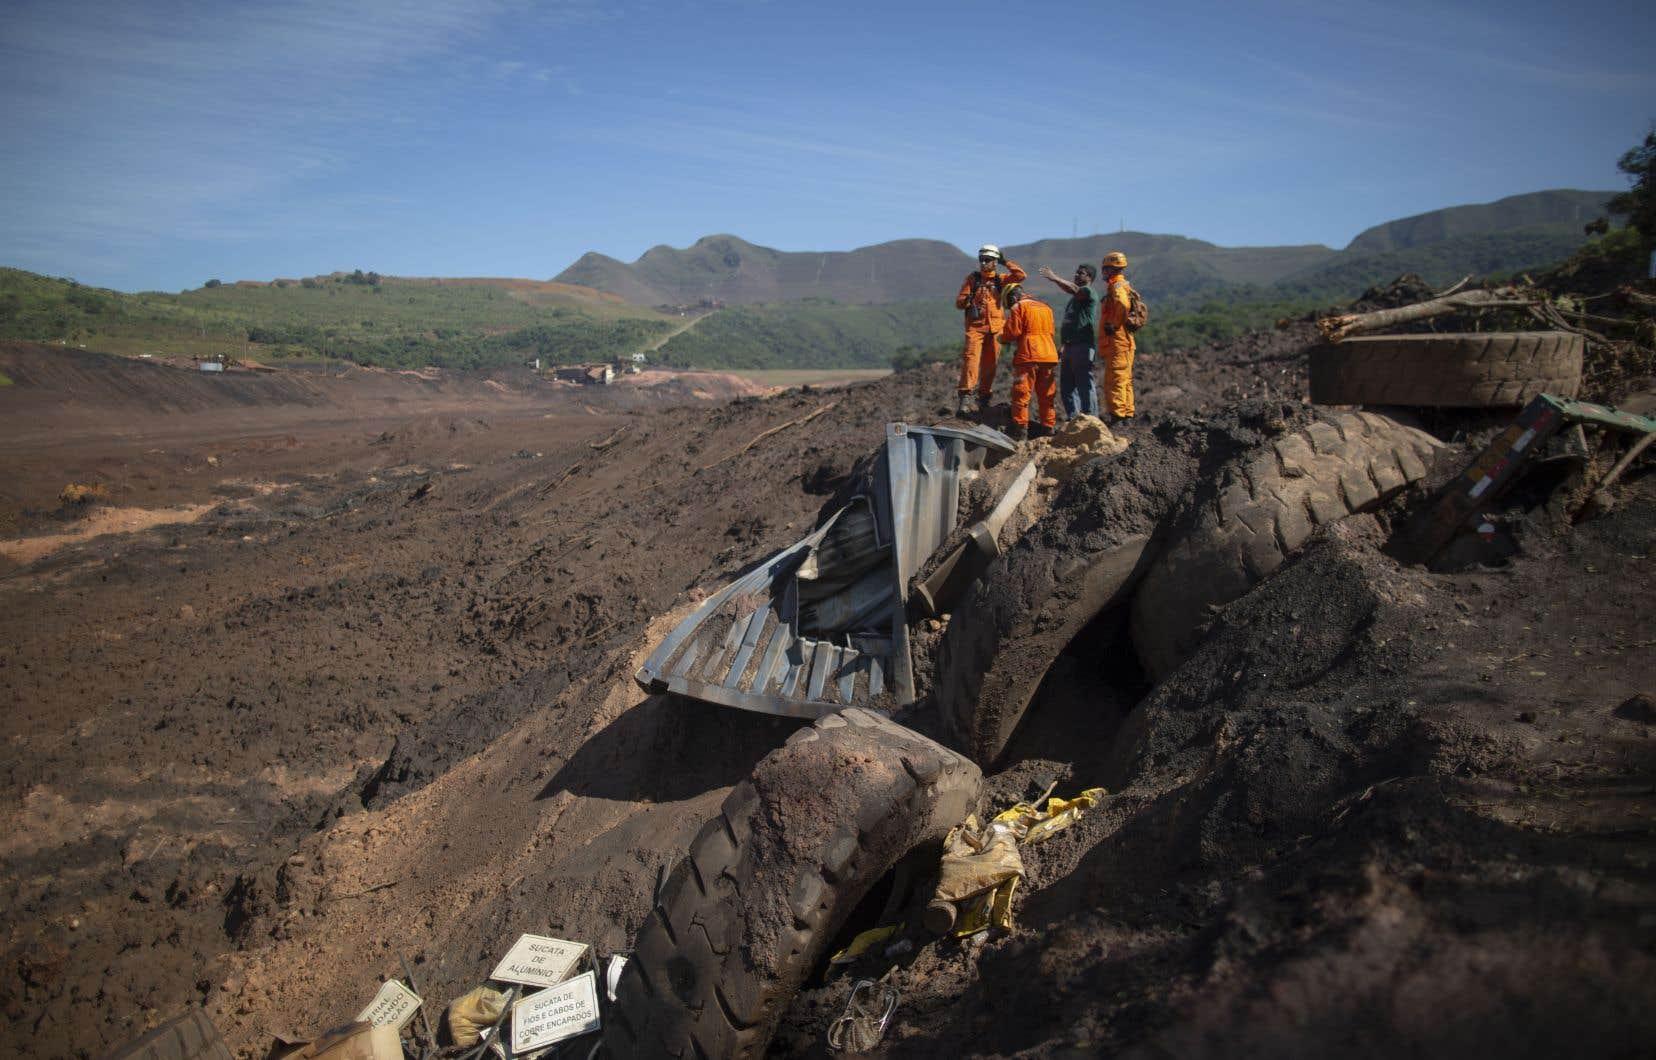 Au onzième jour de recherches, les pompiers de l'État du Minas Gerais ont précisé que 199 personnes étaient encore portées disparues.